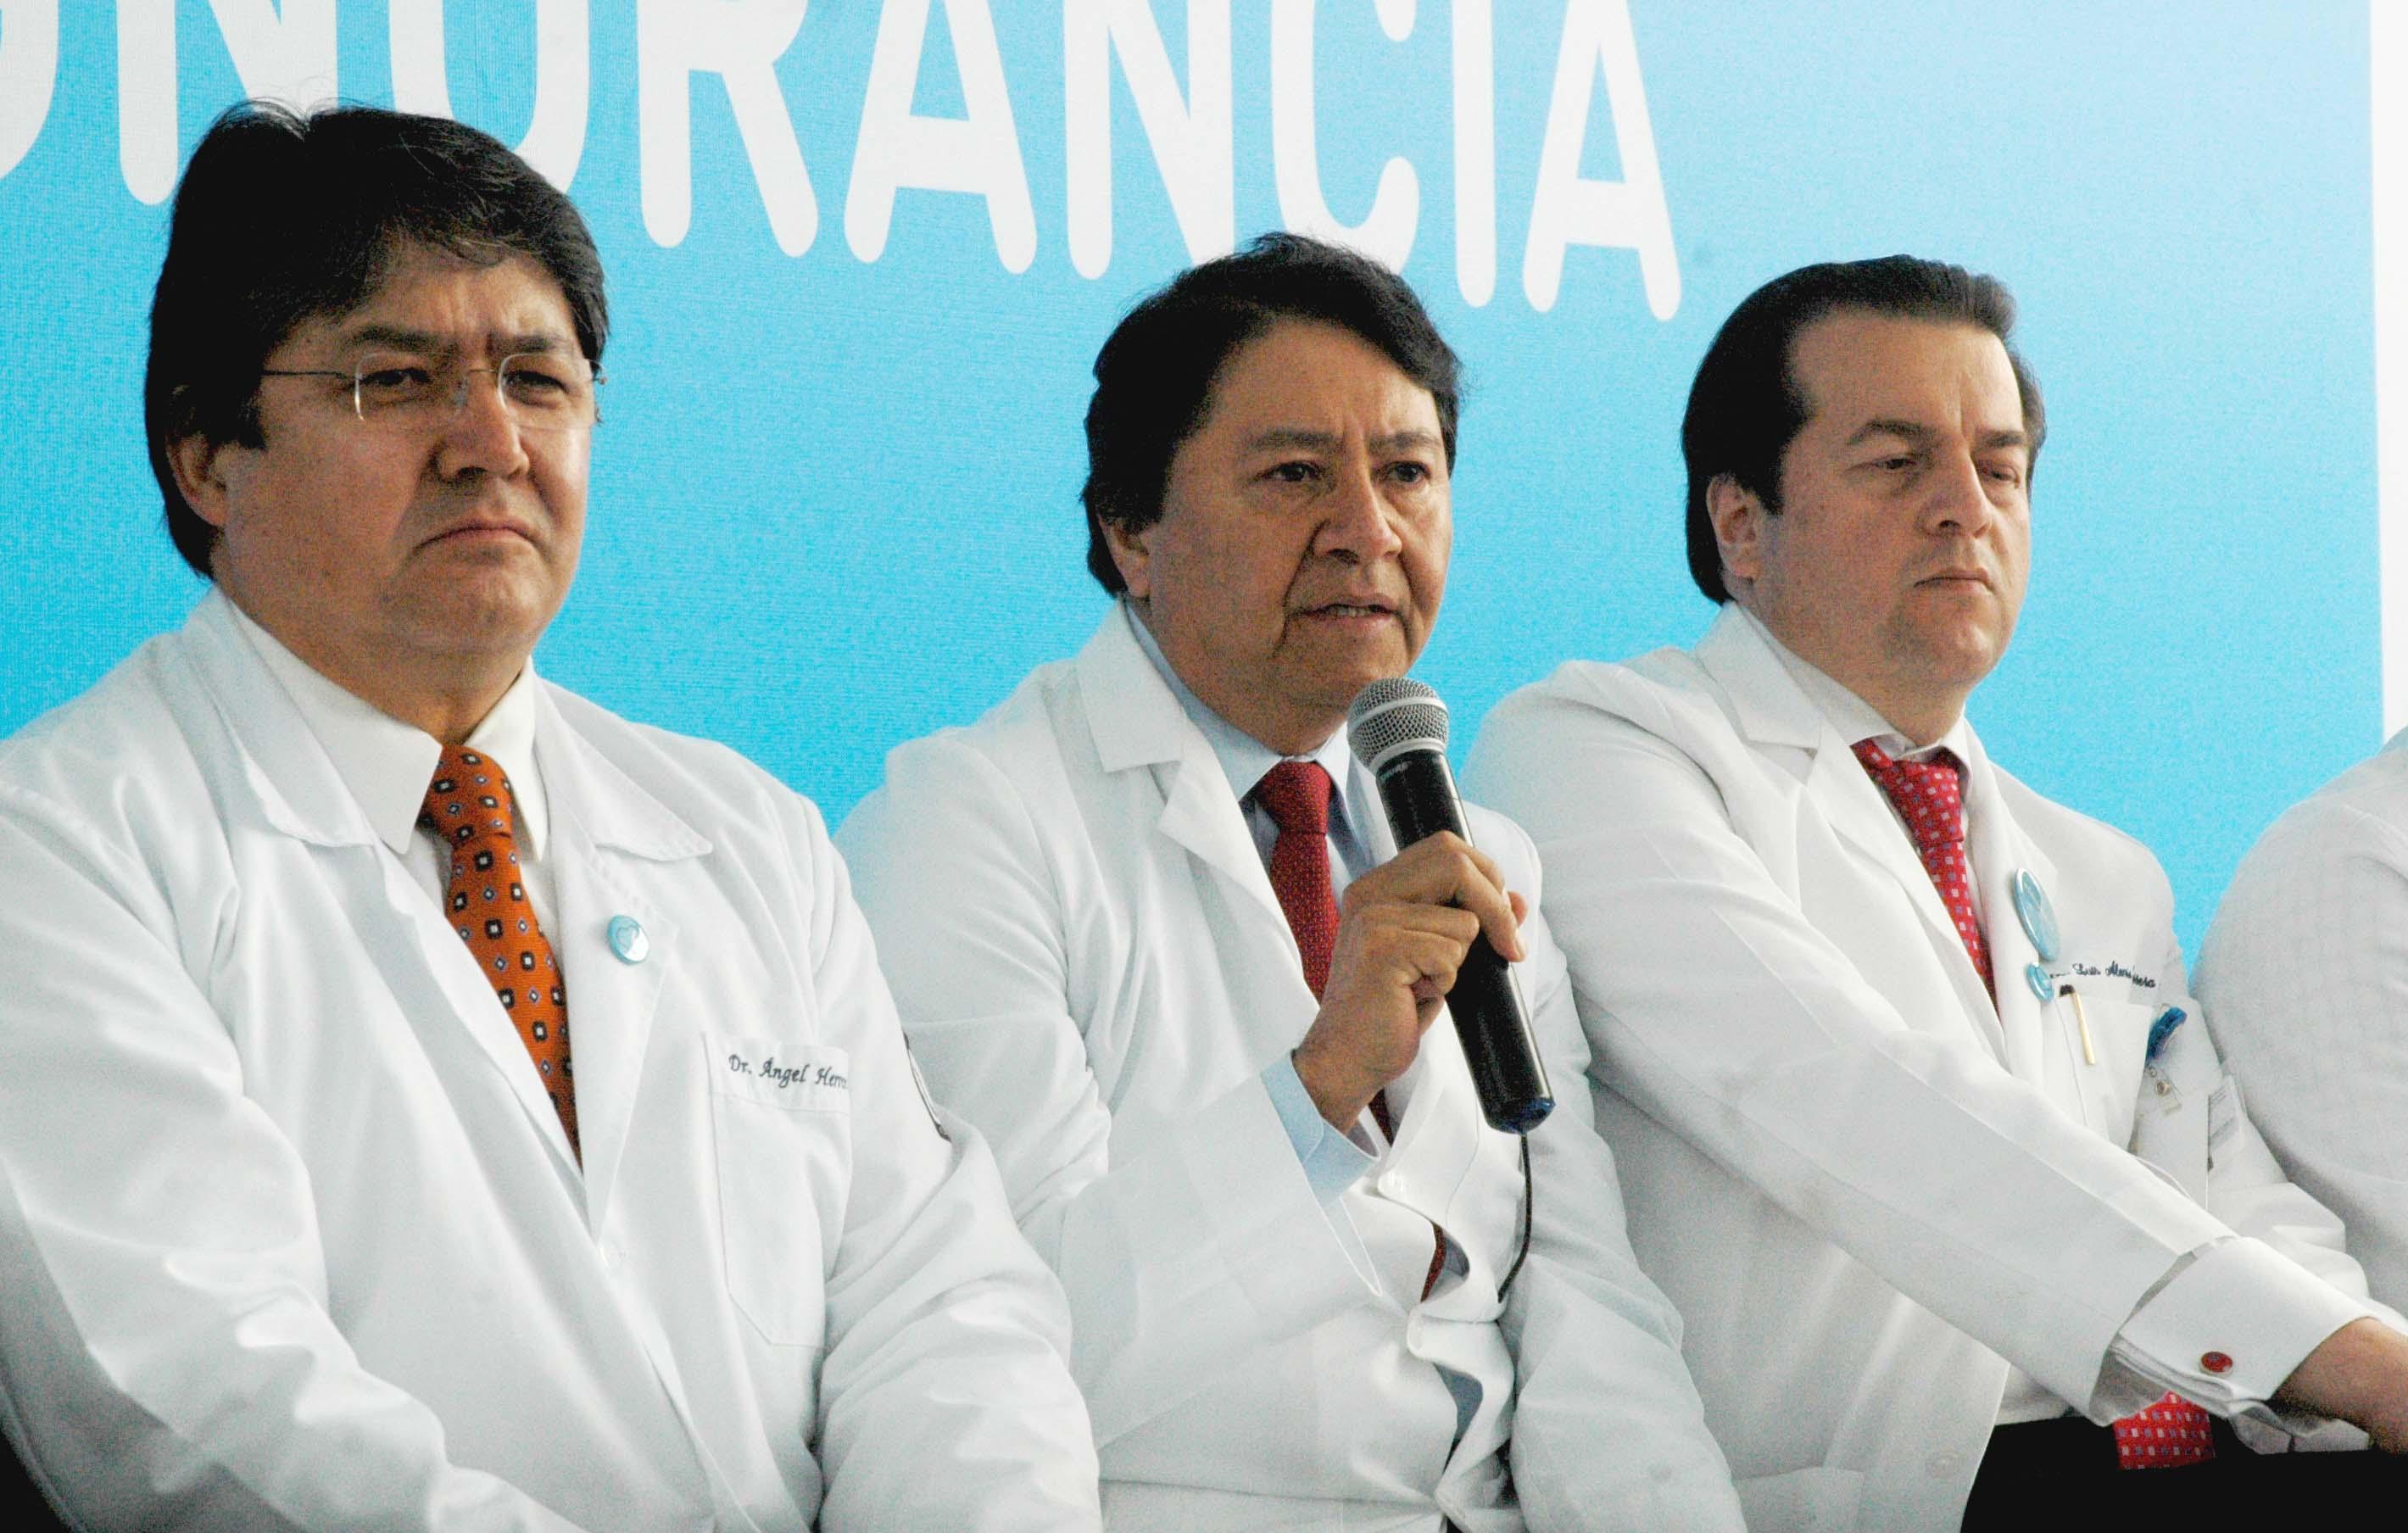 En México se detectan 150 mil casos de cáncer al año, afirmó el doctor Abelardo Meneses García, director general del Instituto Nacional de Cancerología.